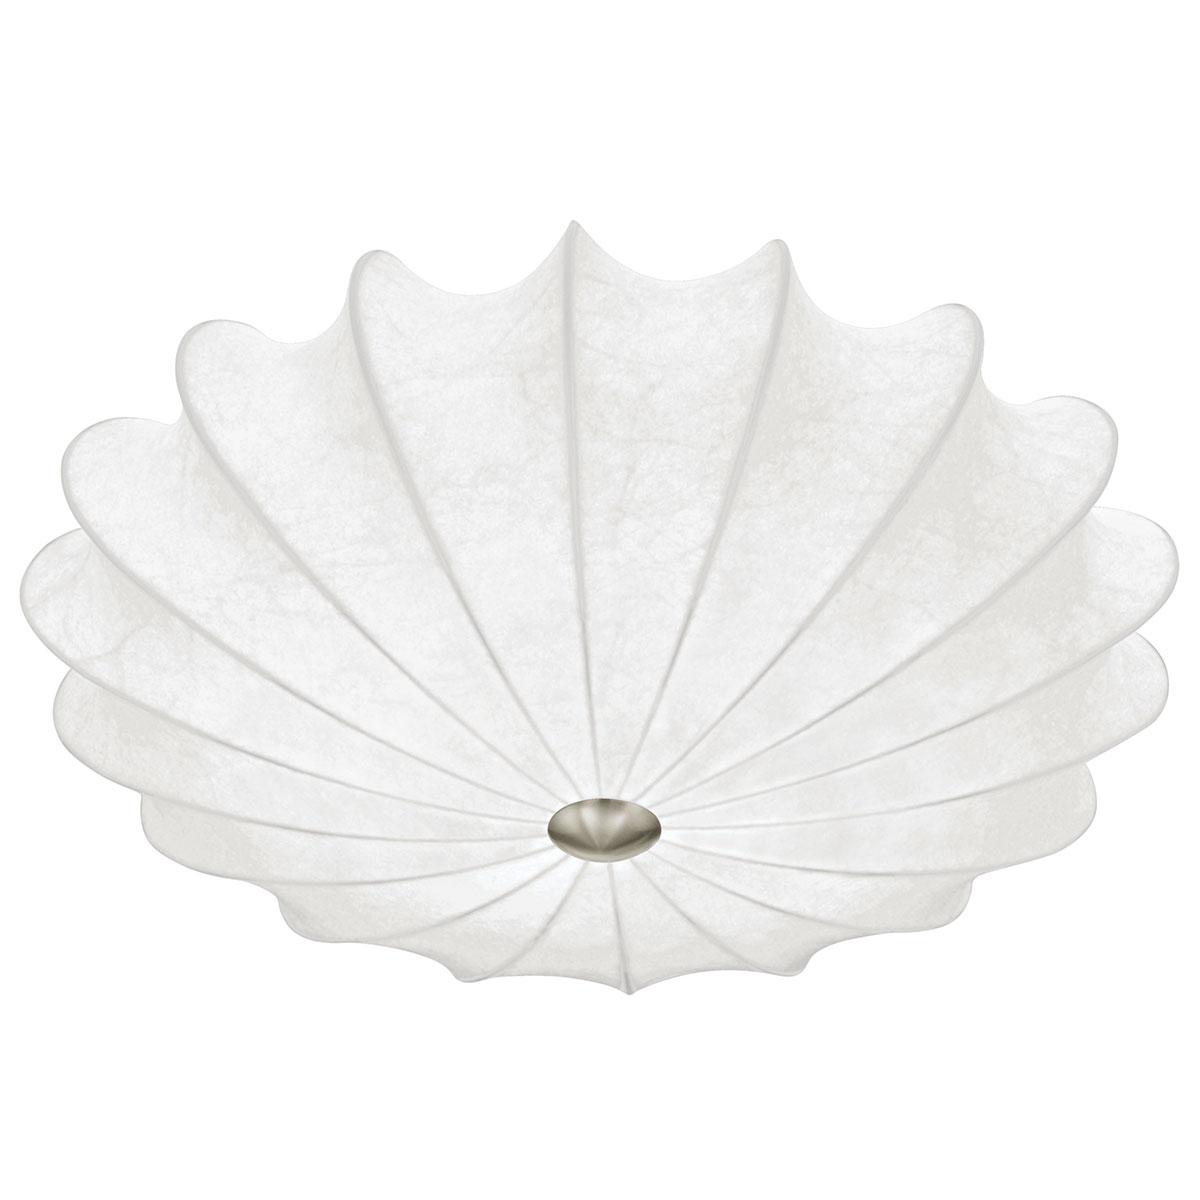 Billede af Eglo loftlampe - Cocoon - Sedilo - Hvid